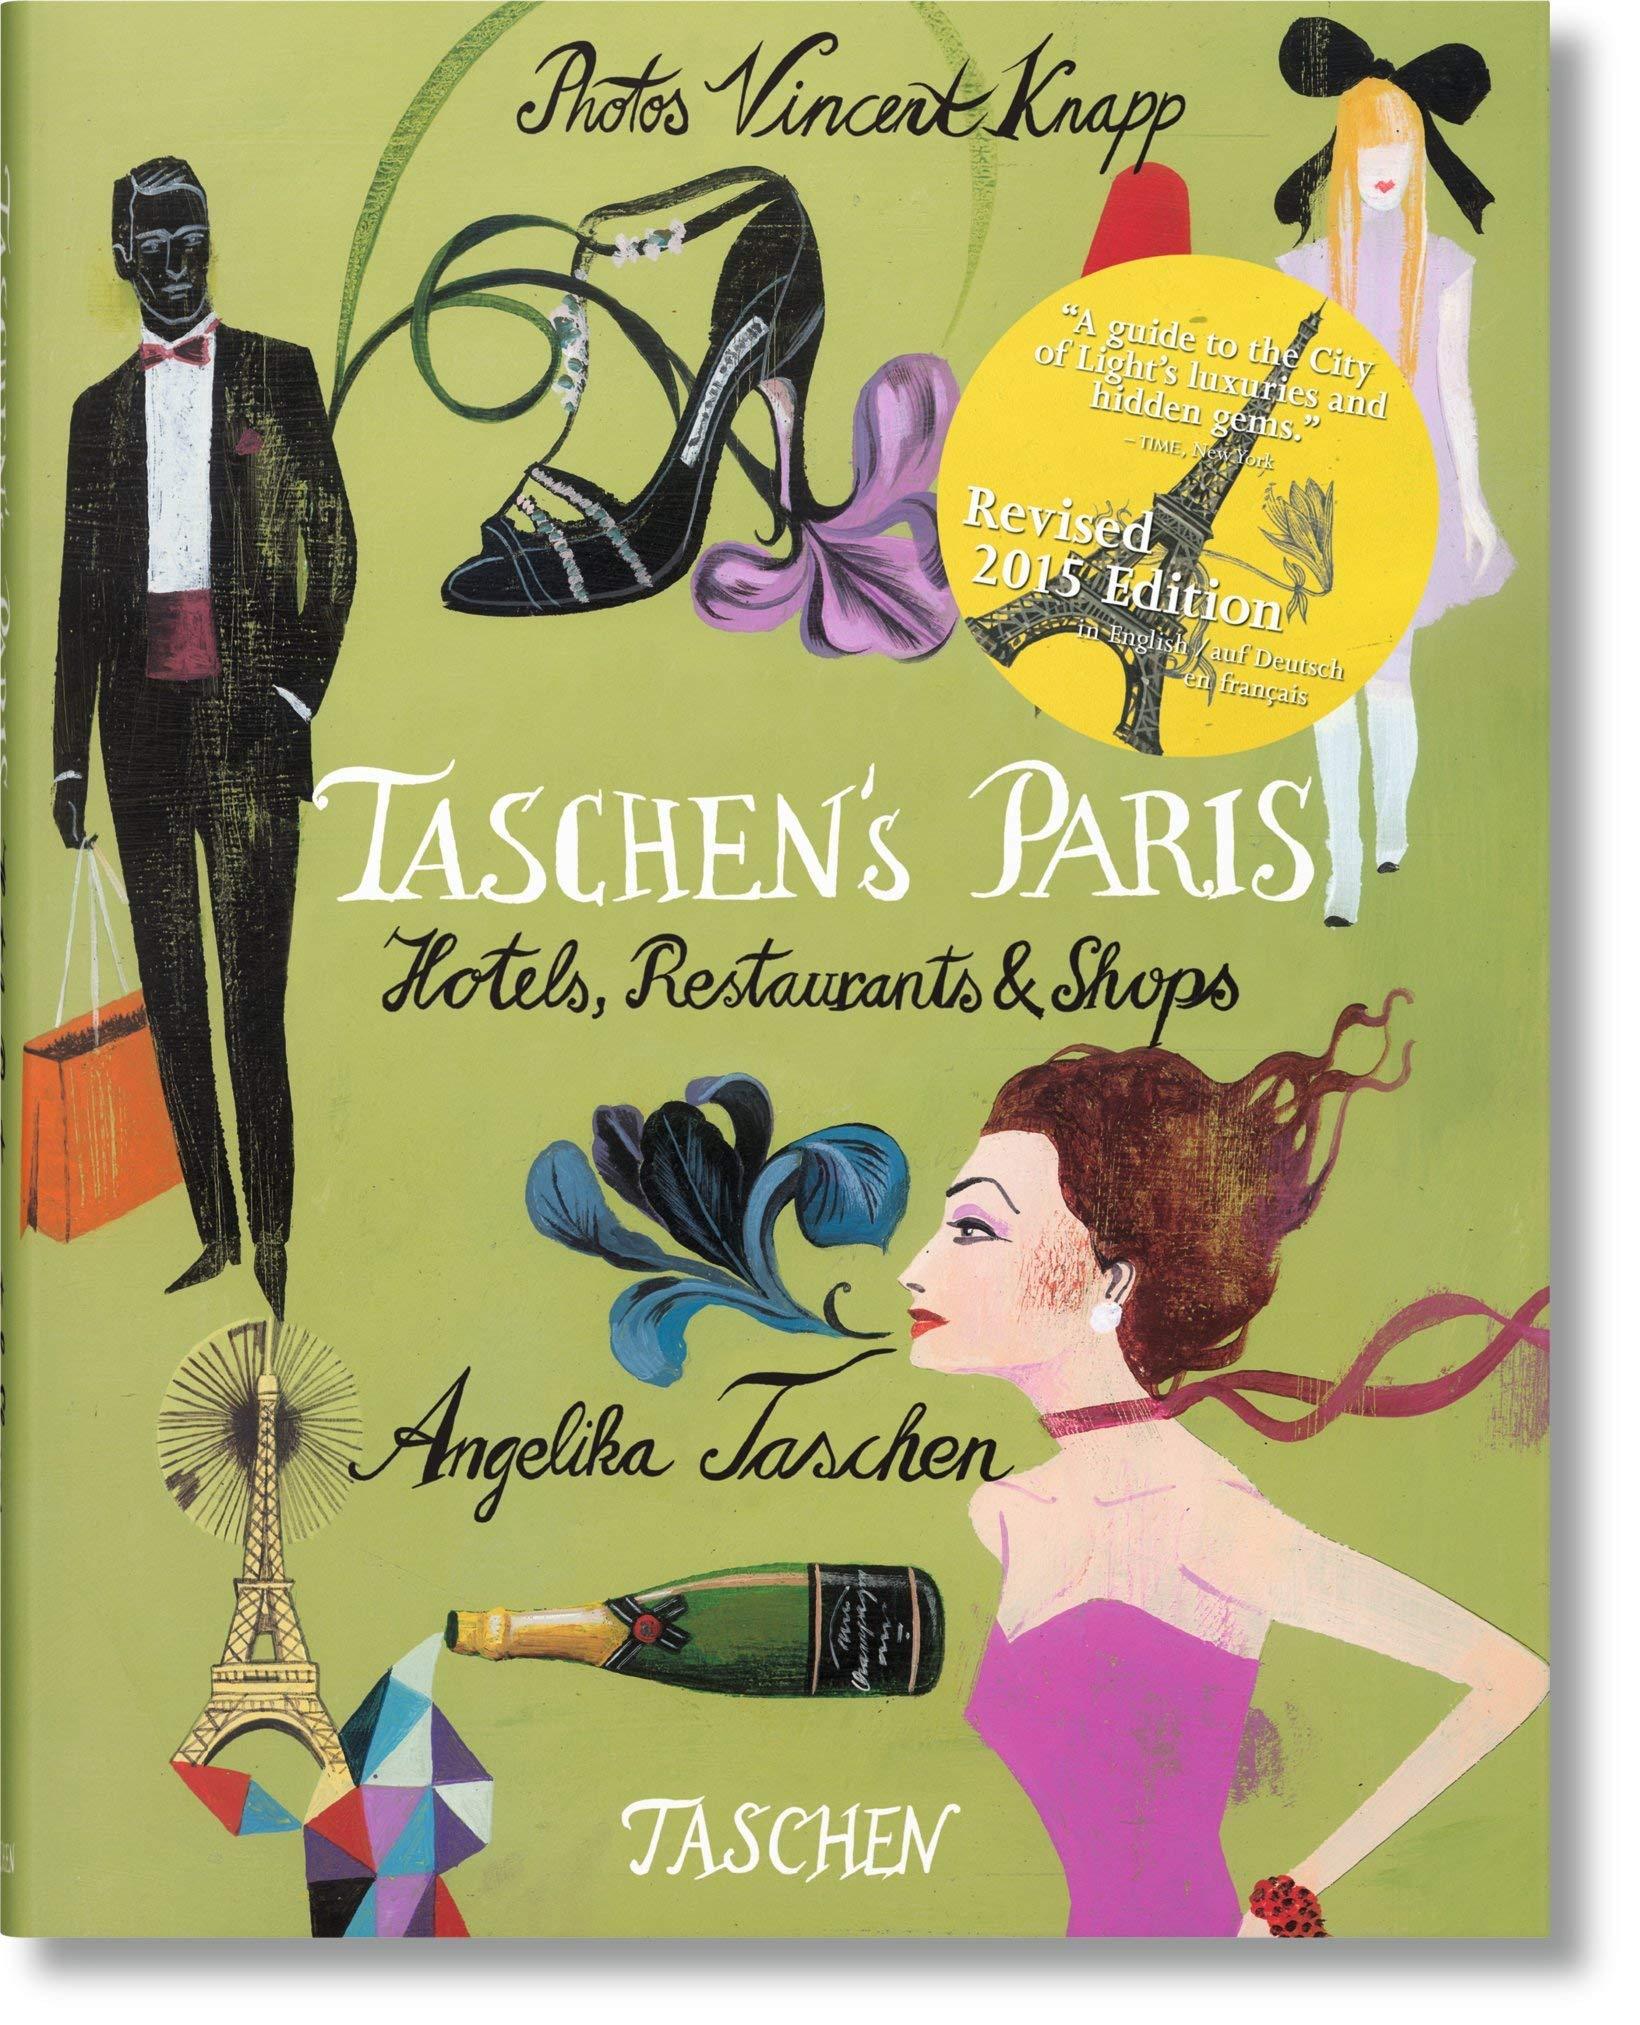 TASCHEN's Paris 2nd Edition